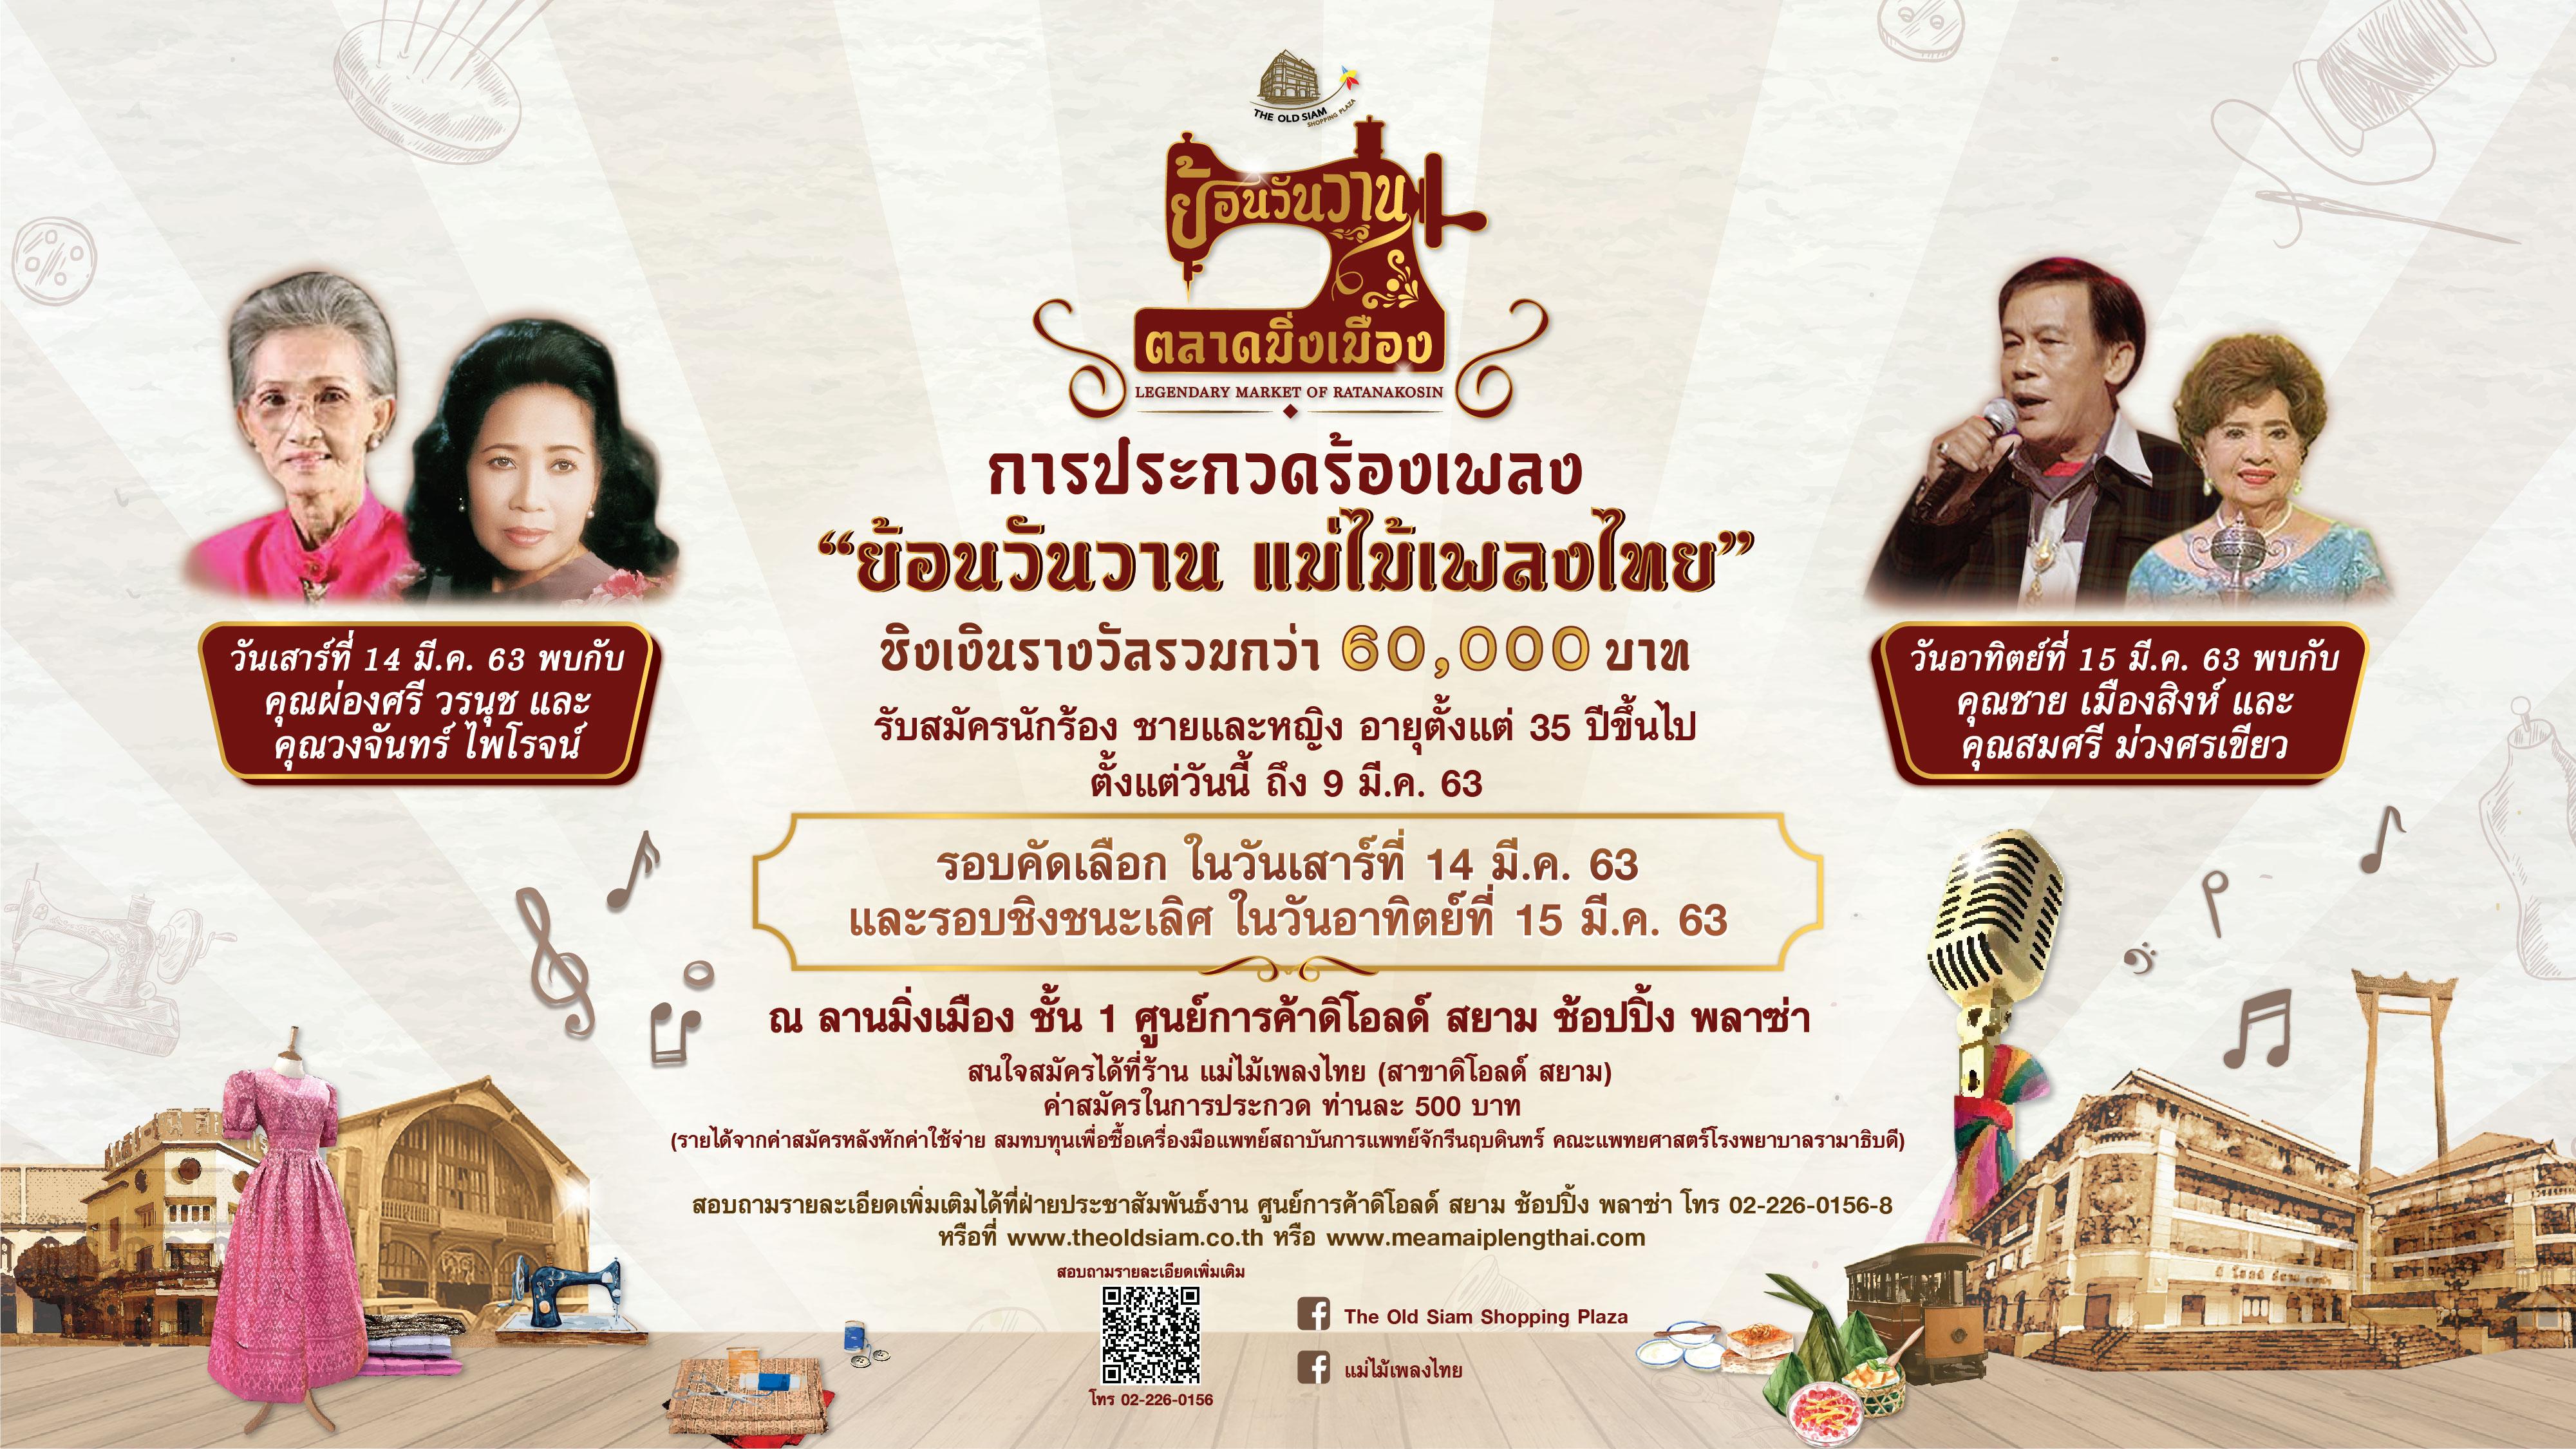 ประกวดร้องเพลงลูกกรุง : ย้อนวันวาน แม่ไม้เพลงไทย